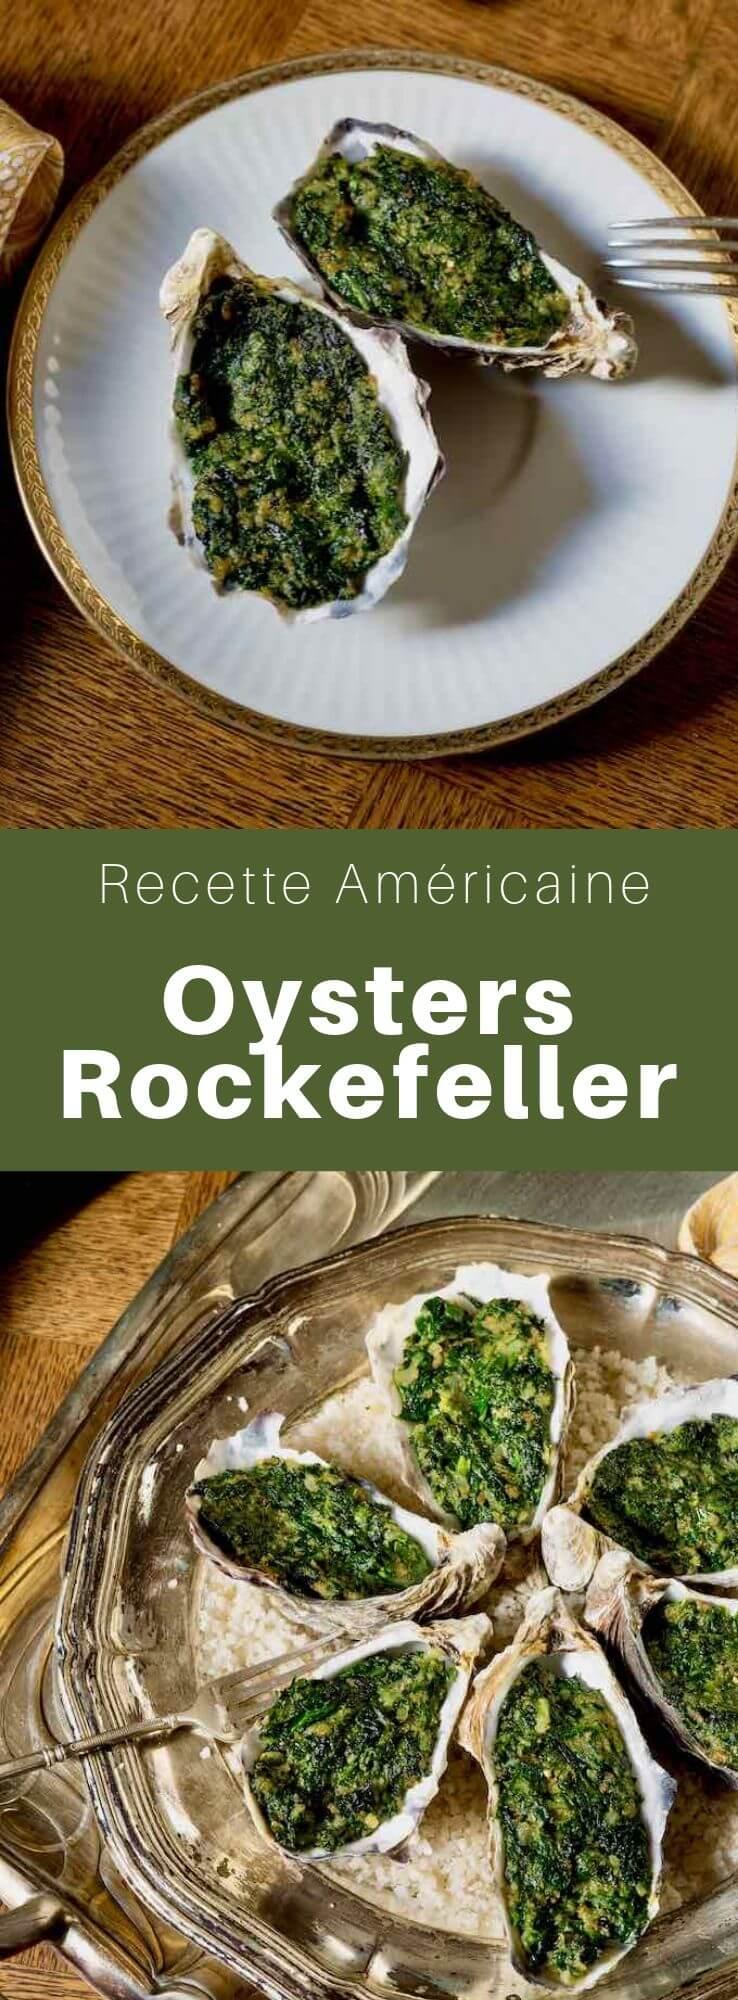 Les huîtres Rockefeller sont garnies d'une sauce au beurre, d'épinards, et de chapelure, puis grillées. Un plat traditionnel de la nouvelle Orléans. #RecetteAmericaine #CuisineAmericaine #CuisineDuMonde #196flavors